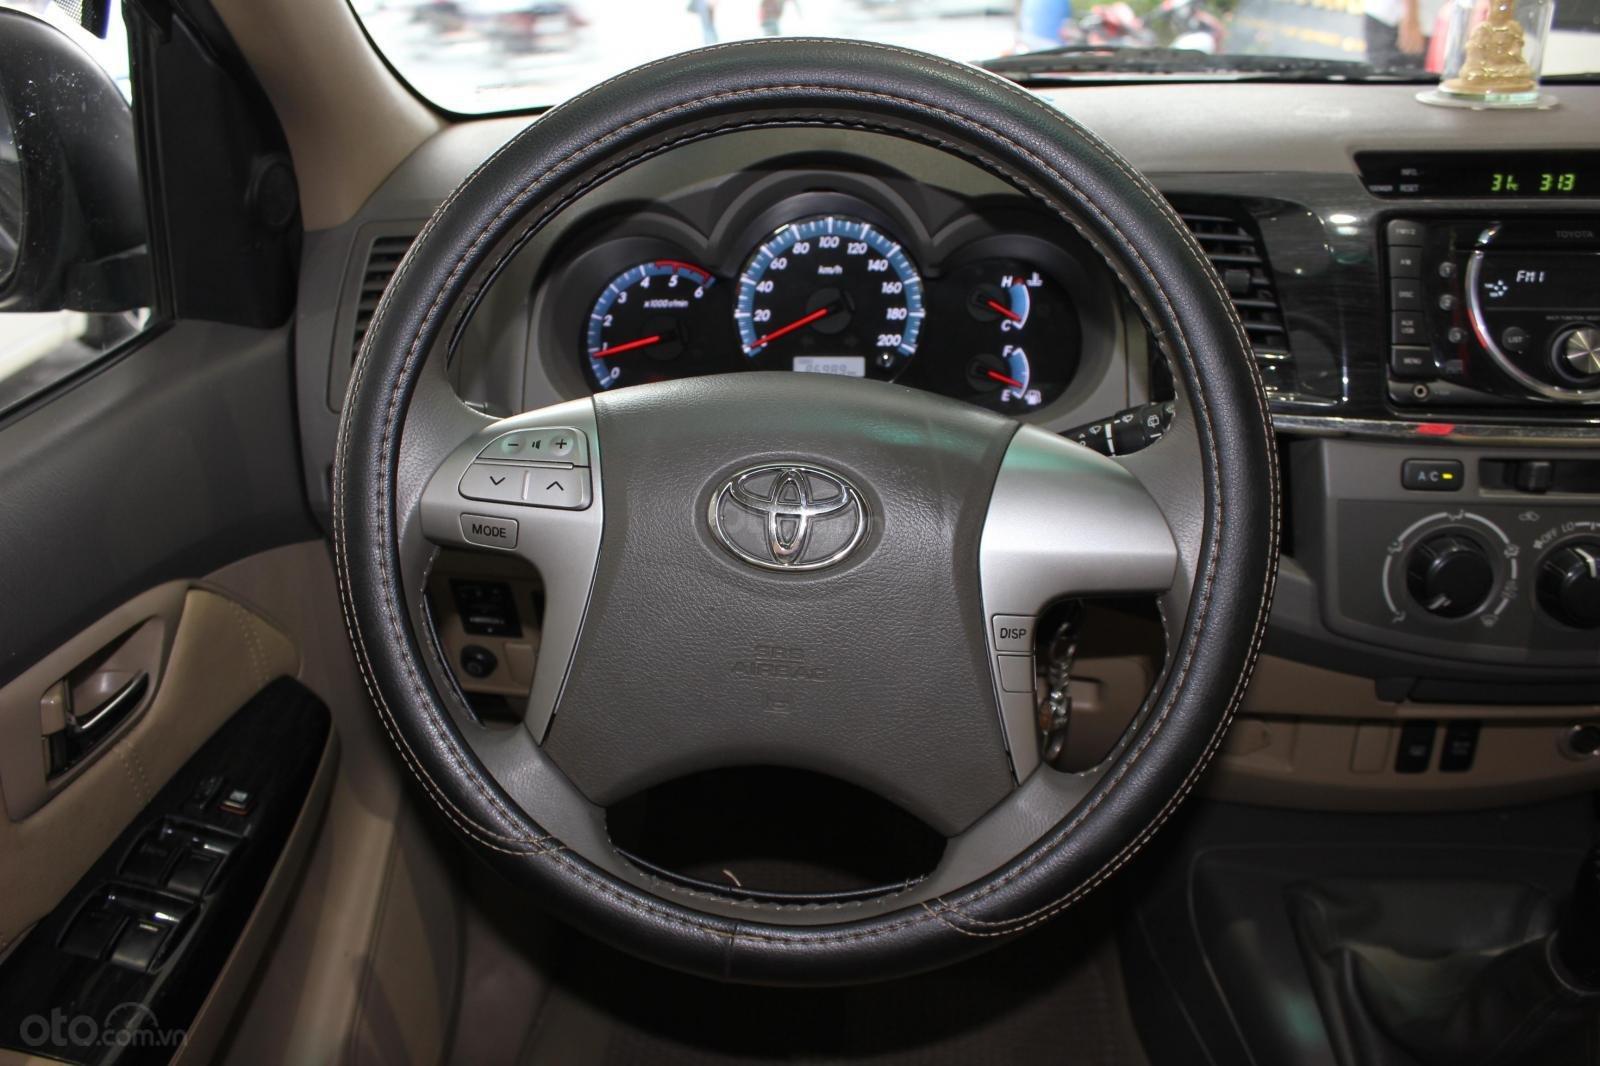 Bán xe Toyota Fortuner 2.5G MT đời 2012, máy dầu, màu đen, biển SG, xe đẹp (8)